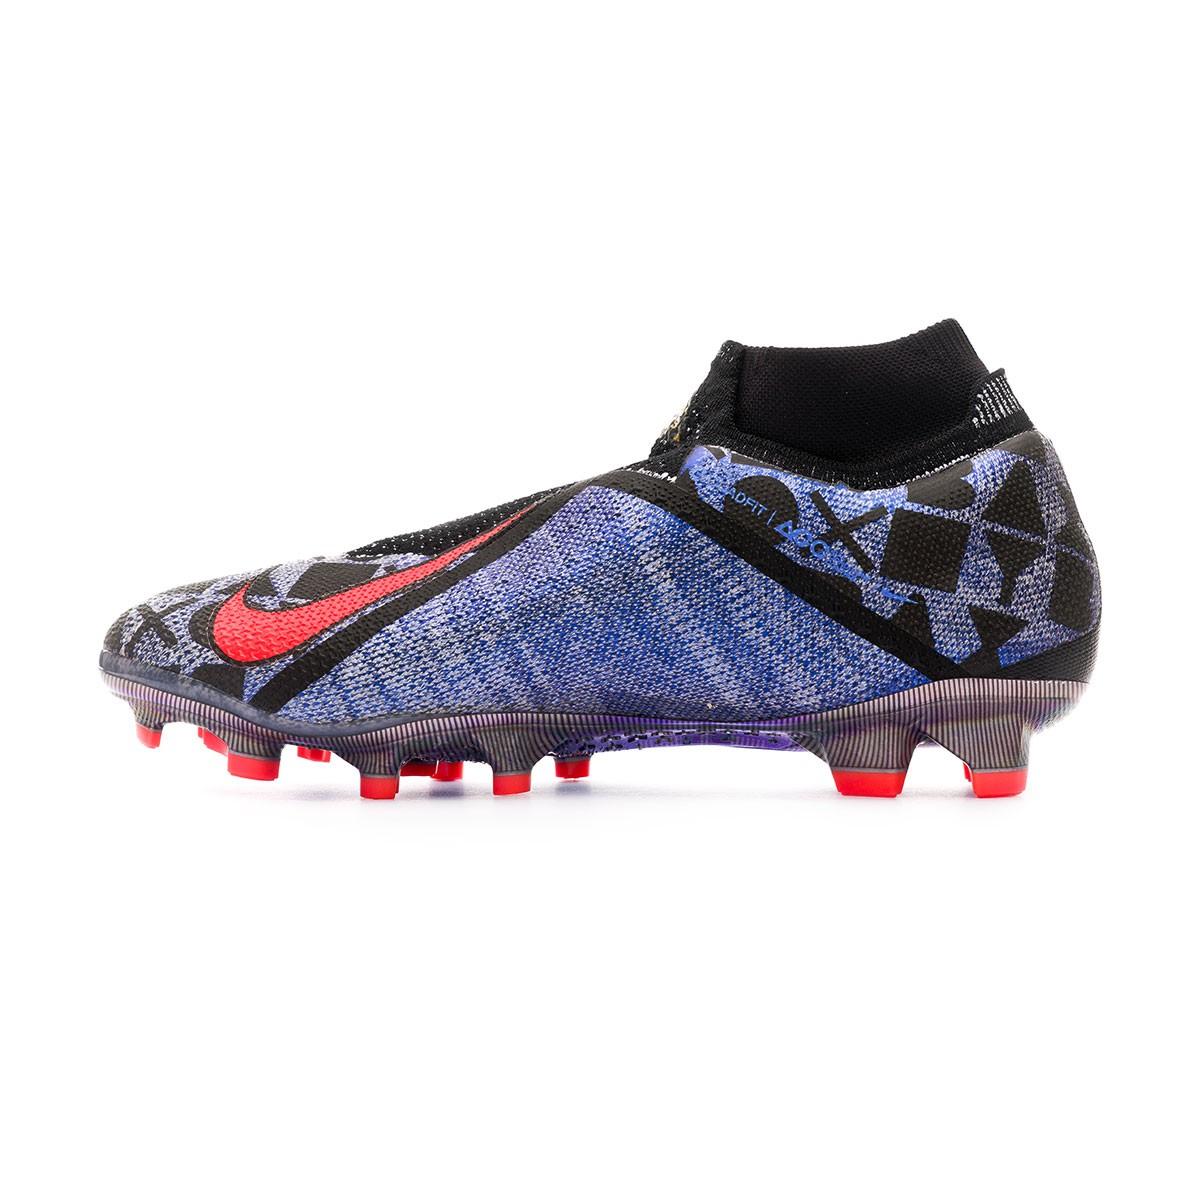 half off 0d638 10c36 Zapatos de fútbol Nike Phantom Vision Elite DF FG EA Sports  White-Black-Bright crimson - Soloporteros es ahora Fútbol Emotion